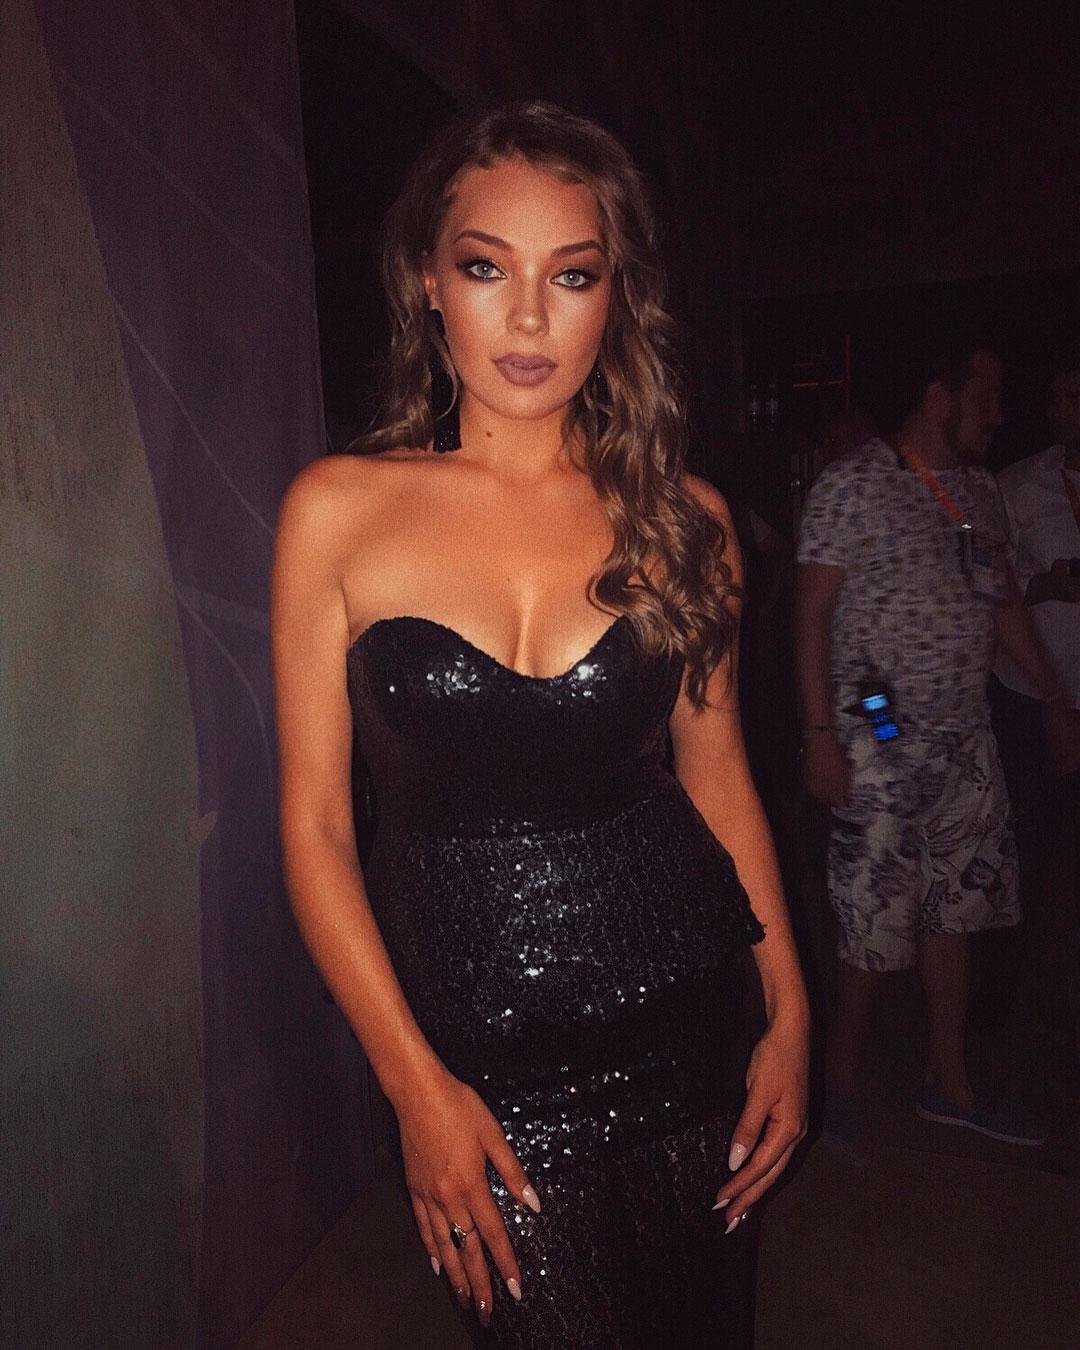 Гузель Хасанова в блестящем черном платье